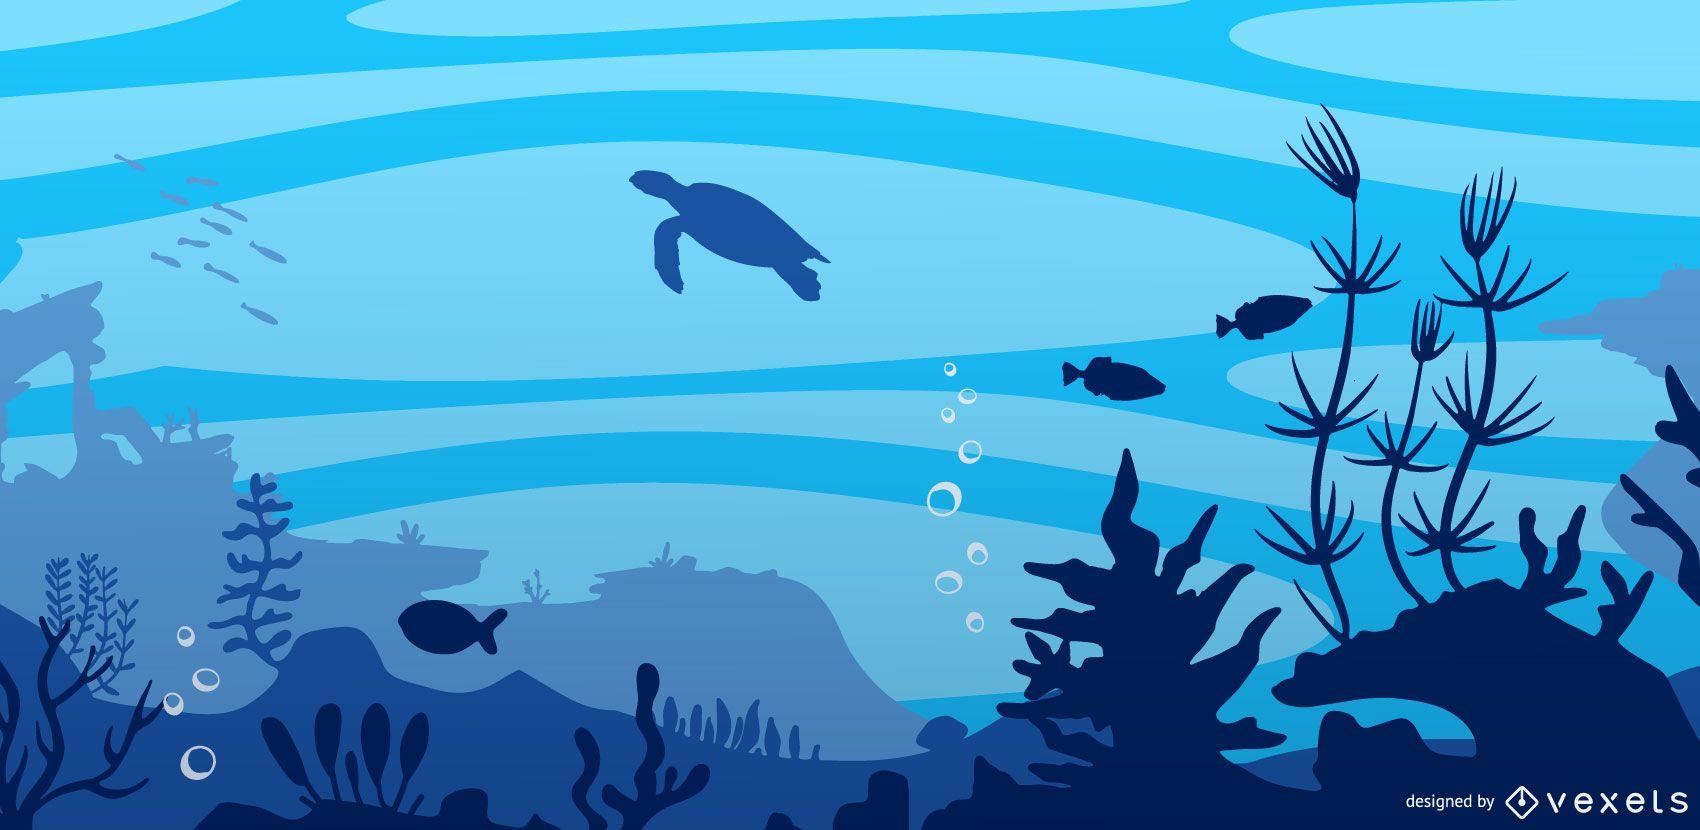 Underwater Sea Background Design